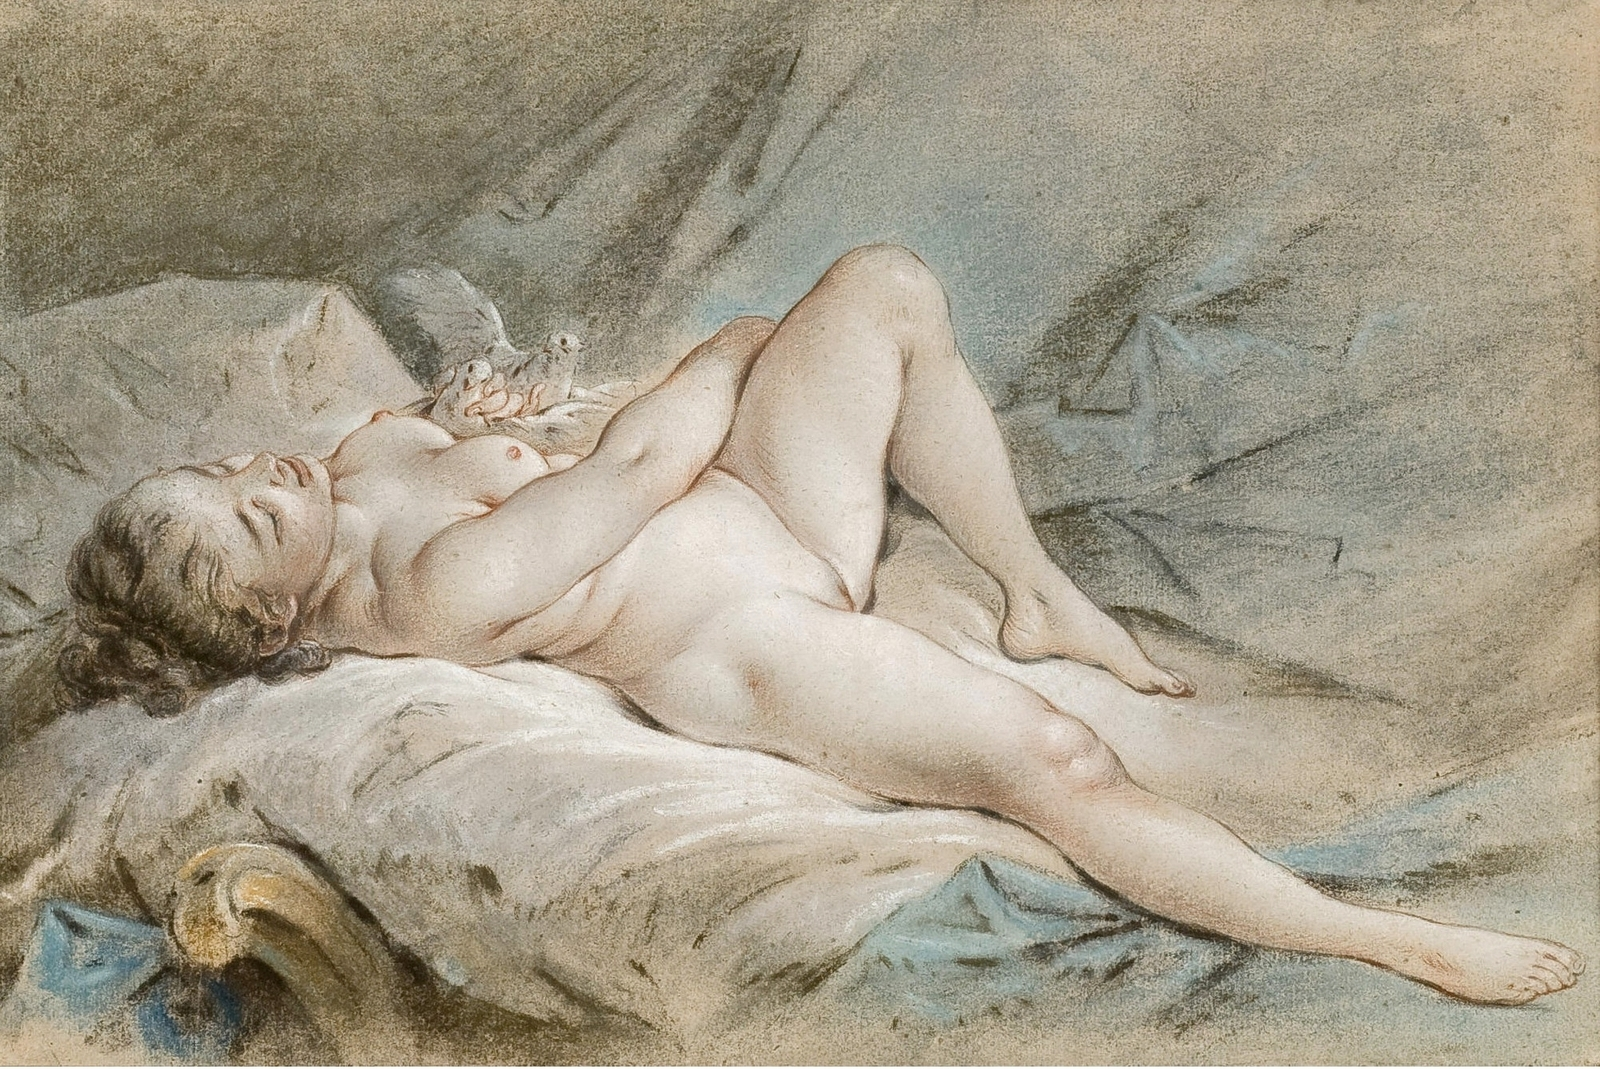 Франсуа Буше. Венера, играющая с двумя голубями (Venus jouant avec deux colombes). 28,8 x 44. Бумага. уголь, сангина и пастель. Частное собрание.